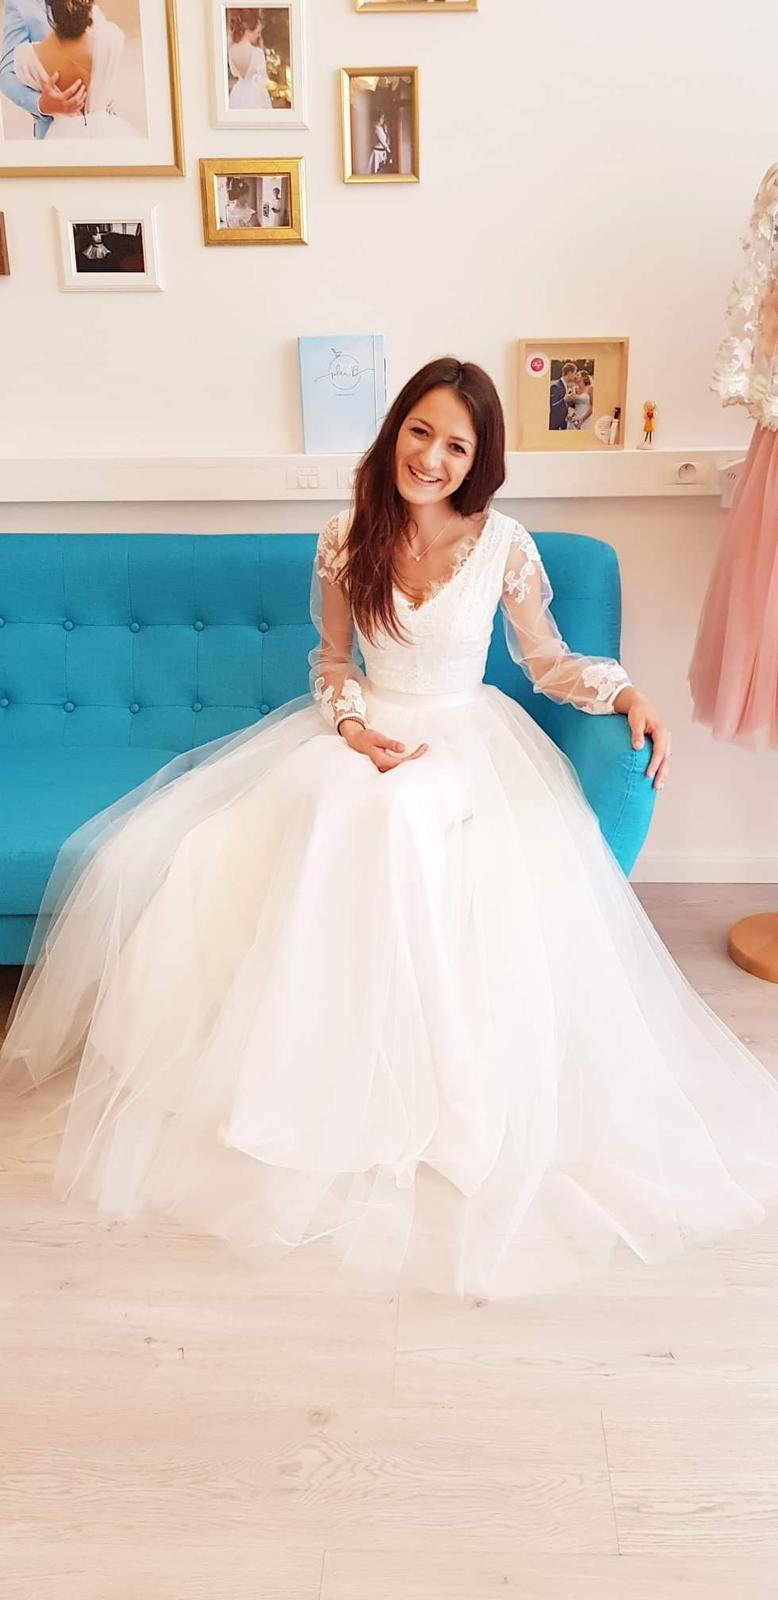 Dvojdielné dlhé svadobné šaty ❤ - Obrázok č. 1